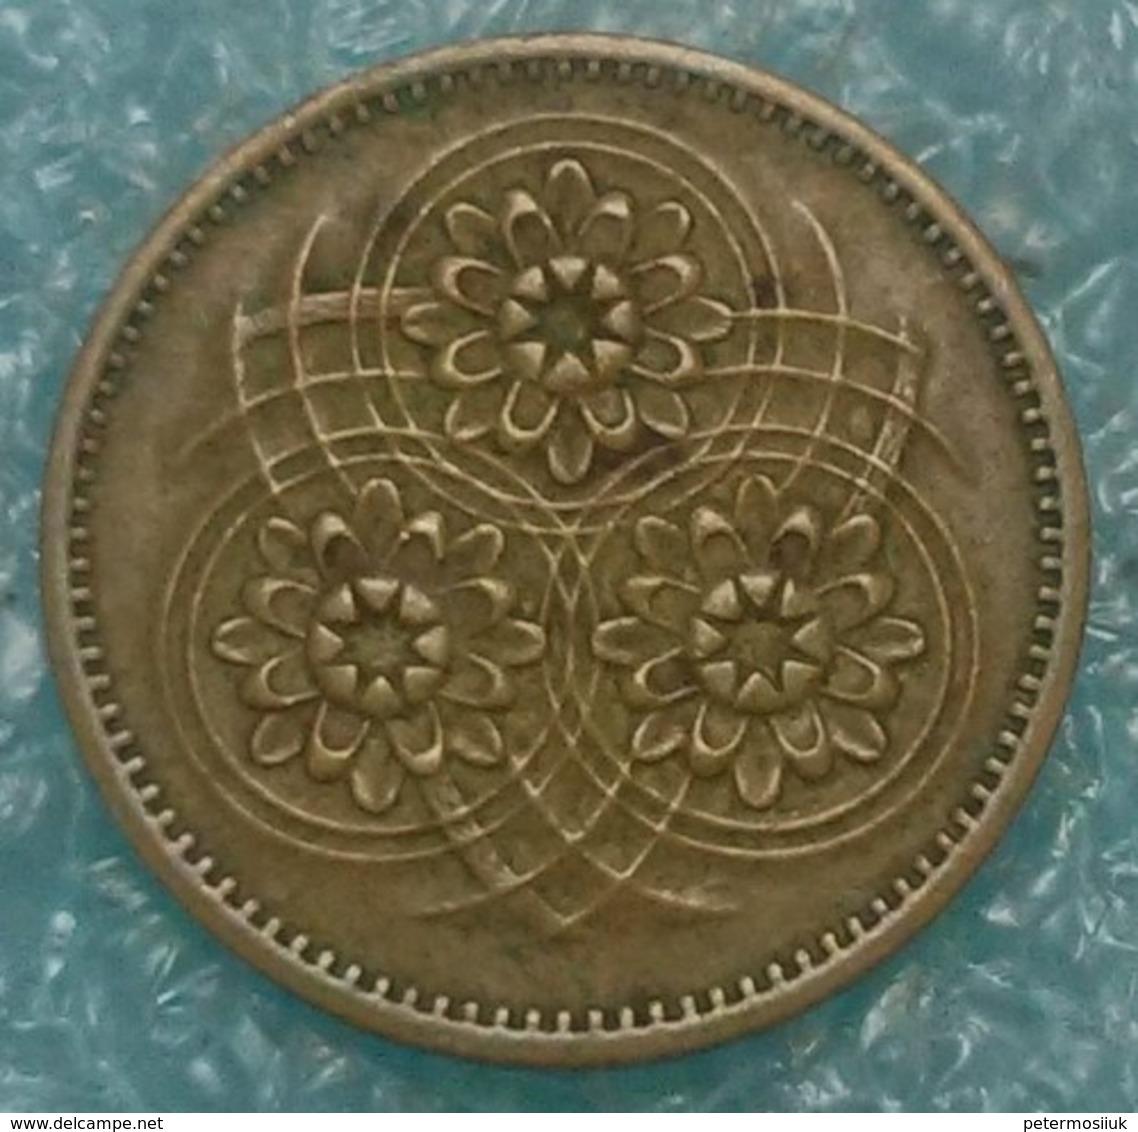 Guyana 1 Cent, 1974 -4125 - Guyana